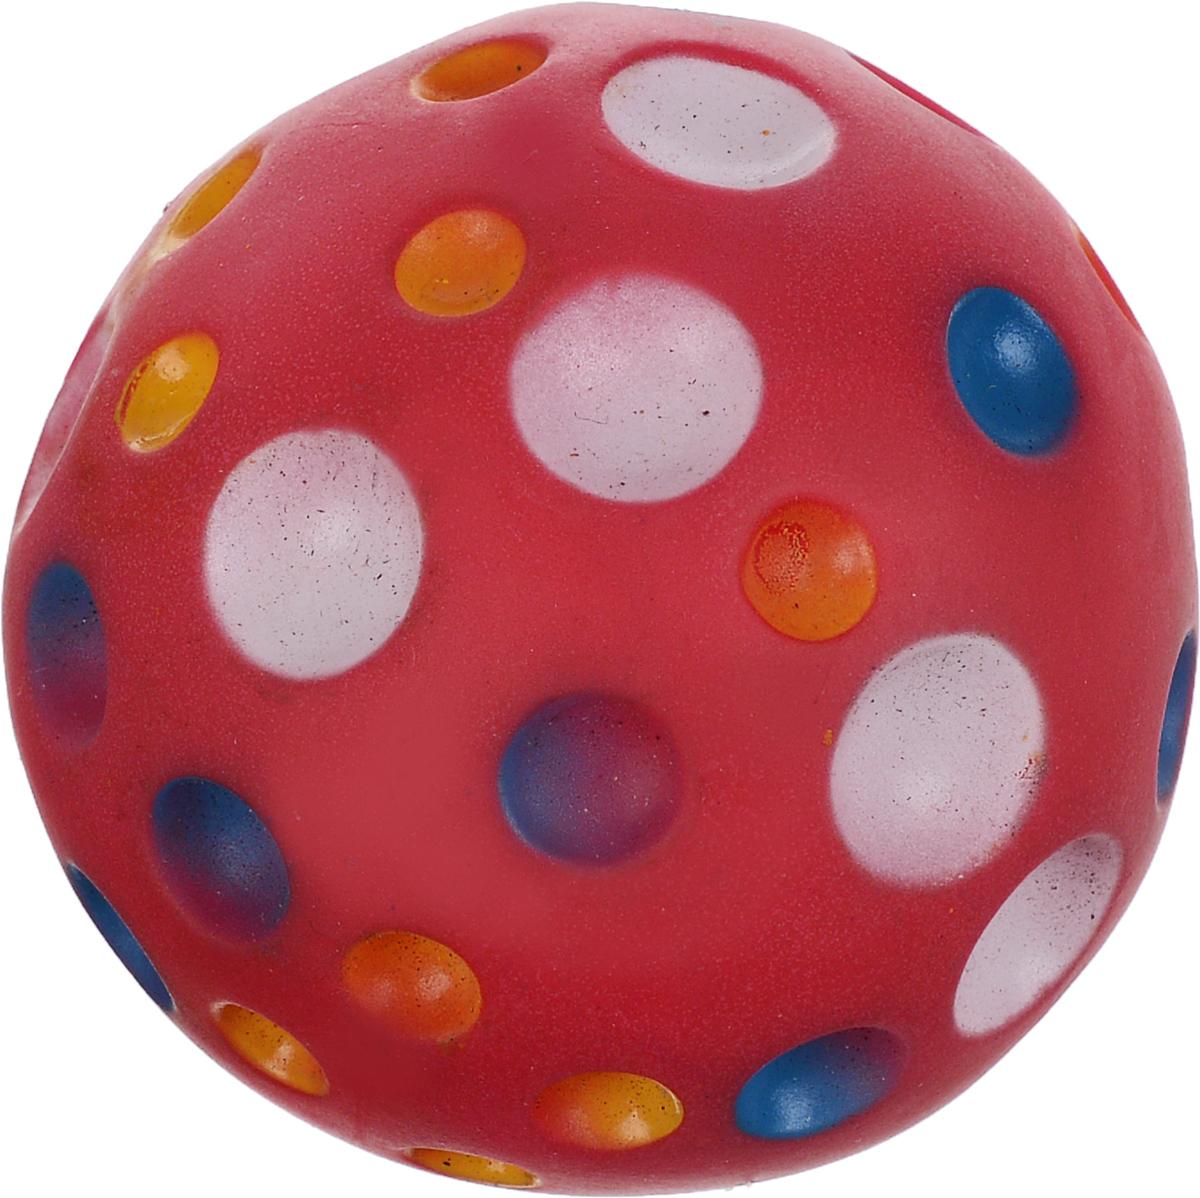 Игрушка для животных Каскад Мяч. Луна, с пищалкой, цвет: красный, белый, синий, диаметр 6 см27754625_красныйИгрушка Каскад Мяч. Луна изготовлена из прочной и долговечной резины, которая устойчива к разгрызанию. Необычная и забавная игрушка прекрасно подойдет для собак, любящих игрушки с пищалками. Диаметр: 6 см.